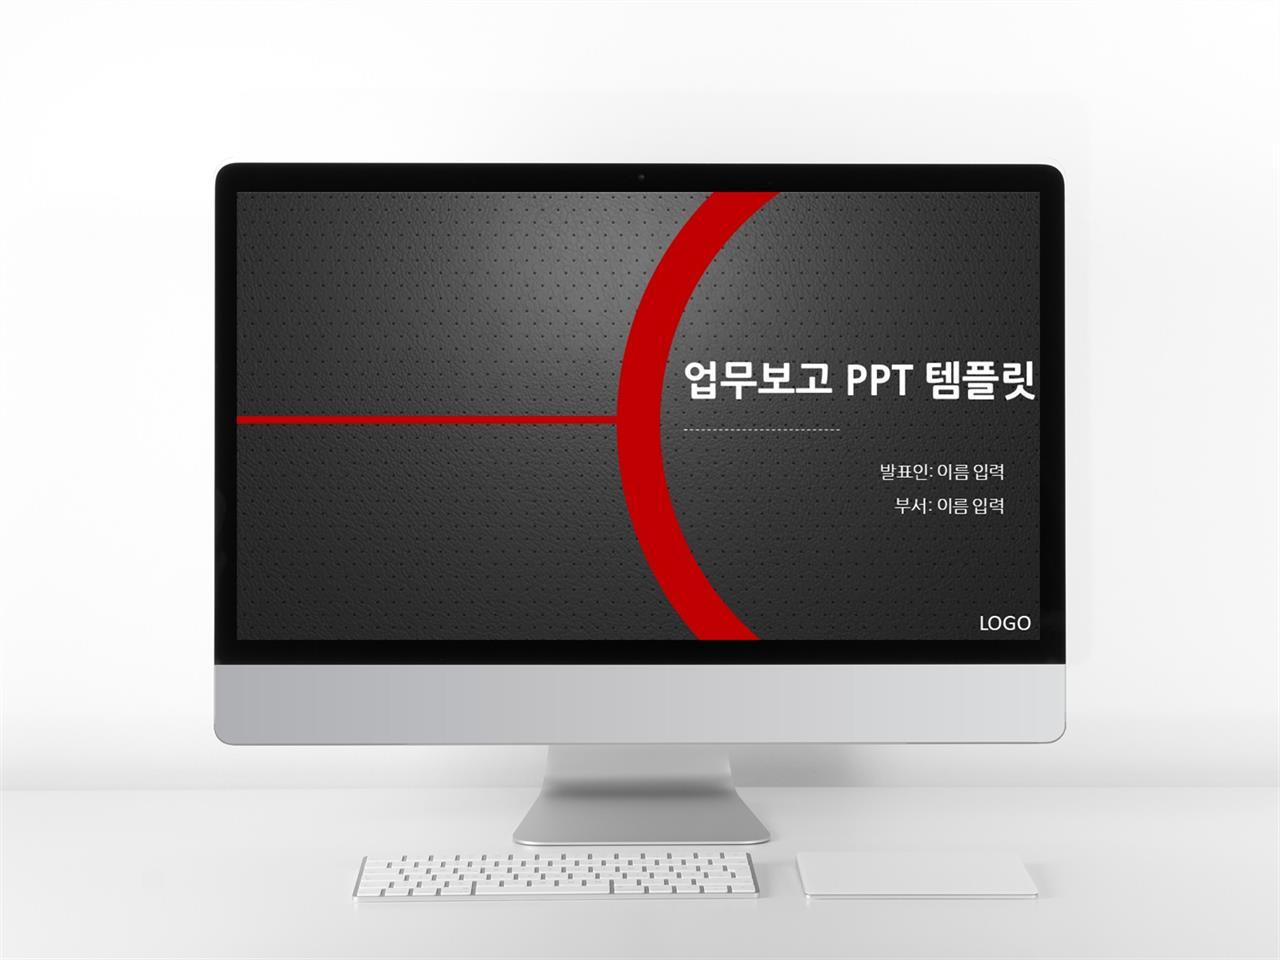 업무일지 레드색 어두운 고급스럽운 피피티서식 사이트 미리보기